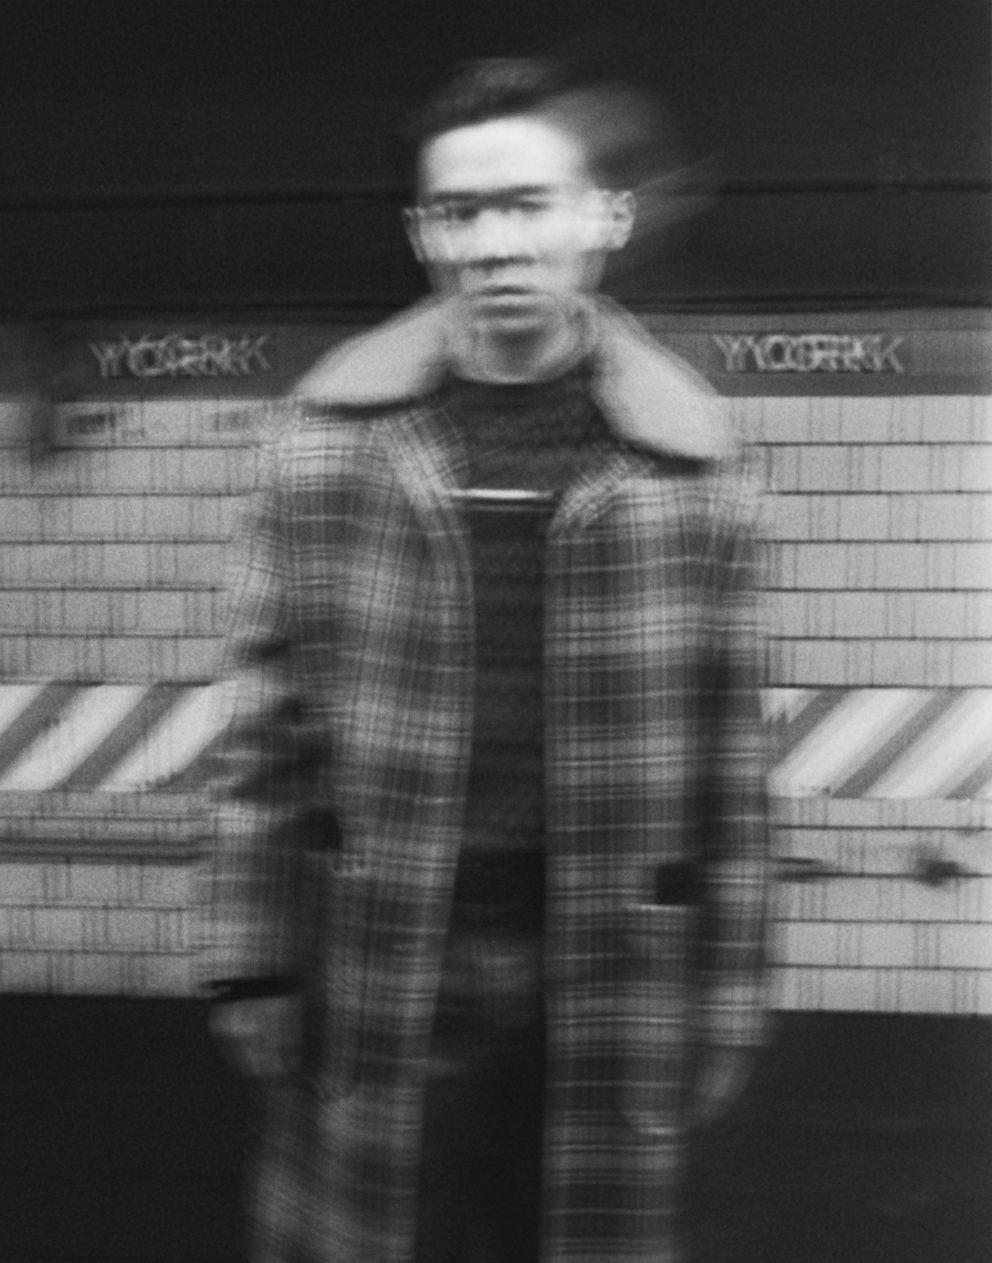 190222 1000 00003571 Keisuke Koide 020 Christian Hogstedt